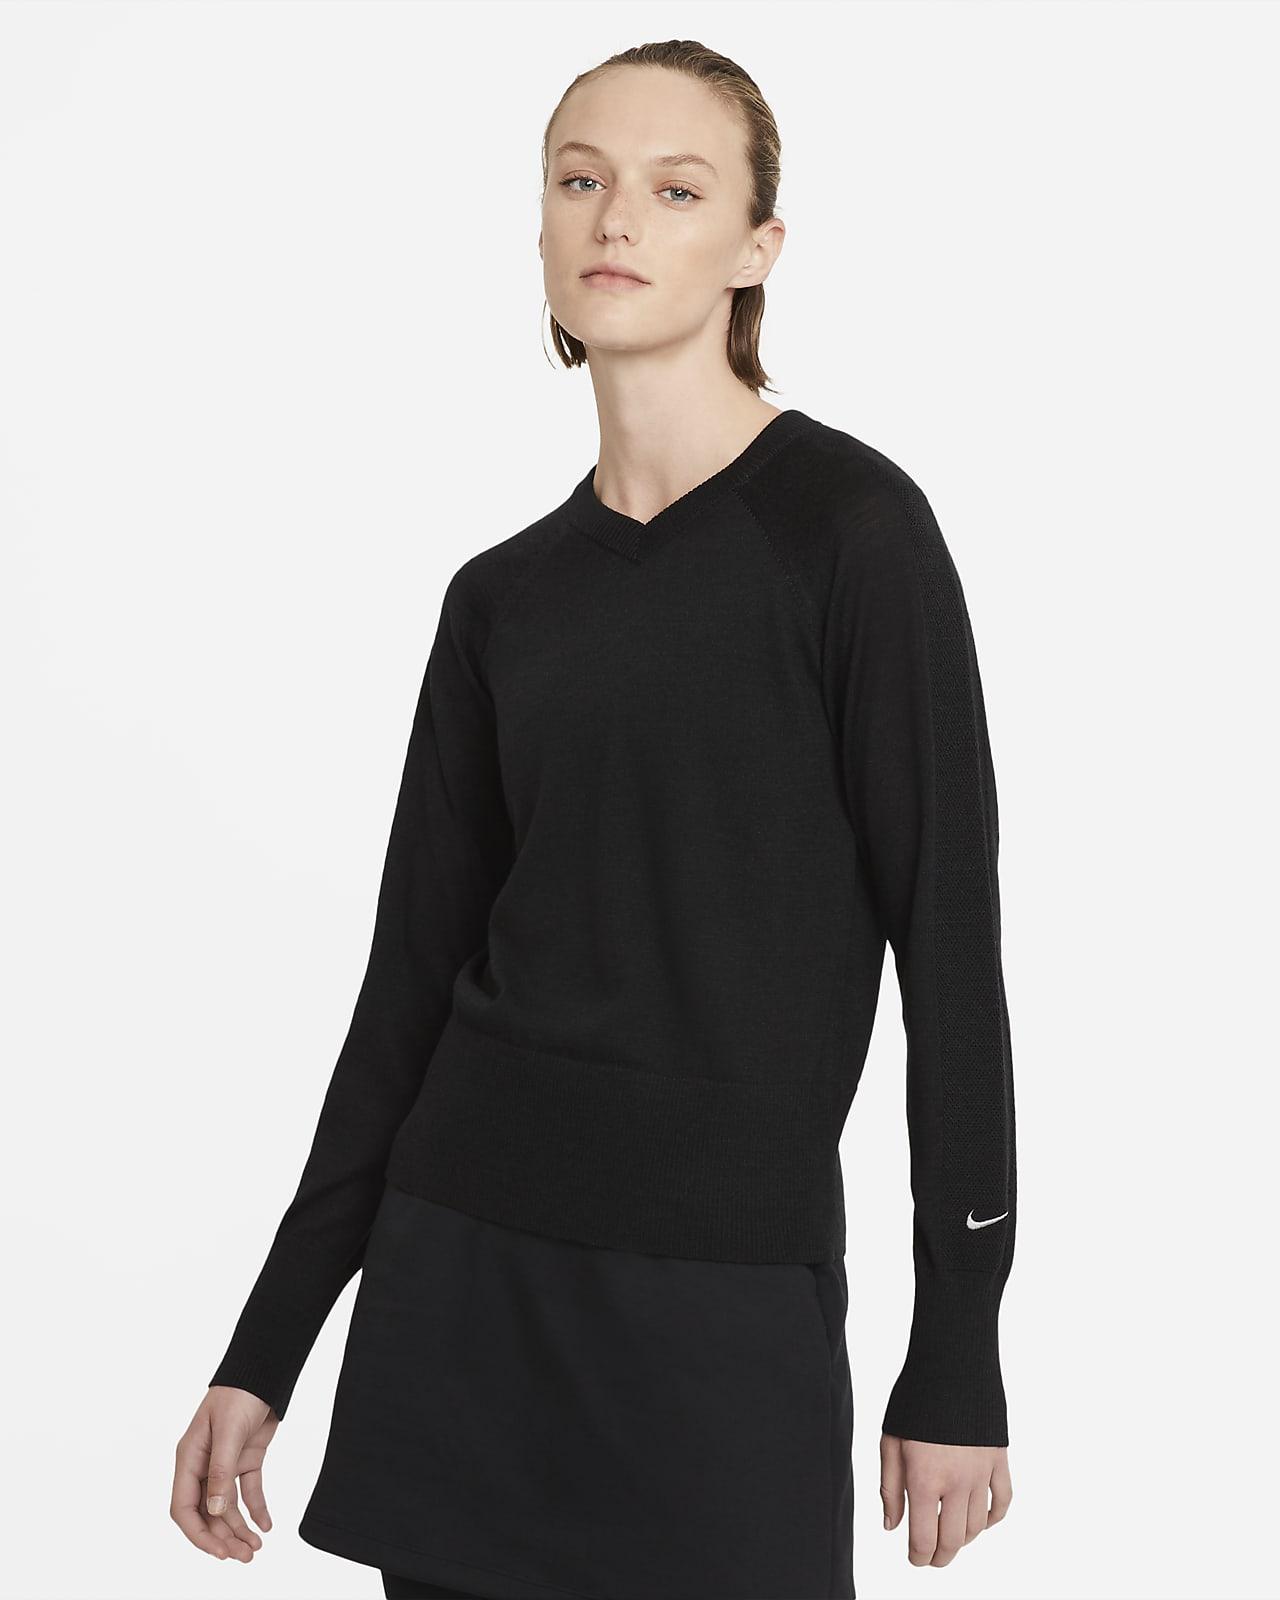 Nike Ace Women's Long-Sleeve Golf Sweater